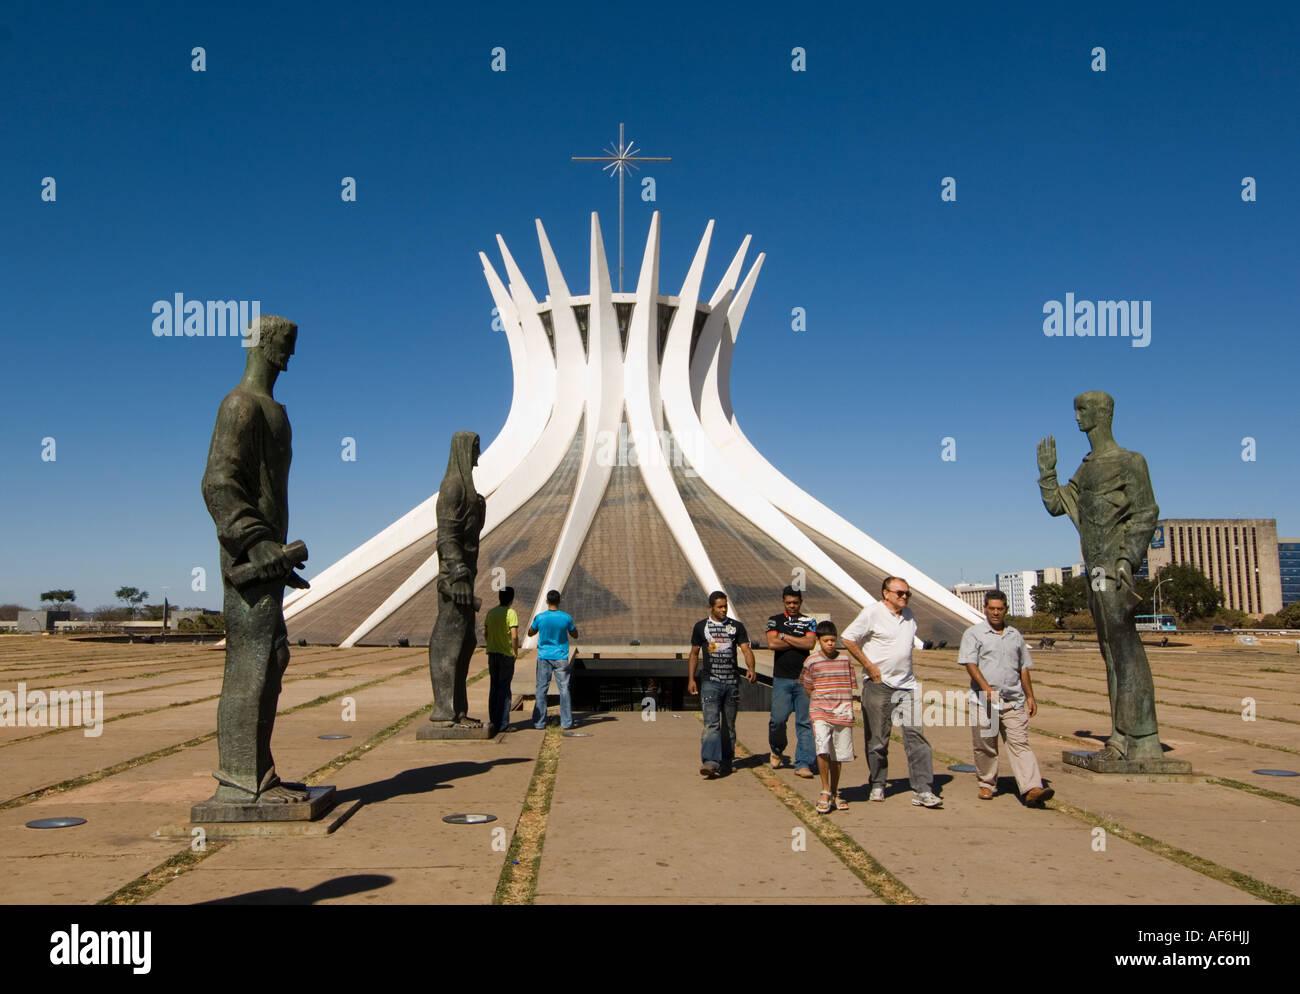 Catedral Metropolitana Brasilia Brazil August 2007 - Stock Image